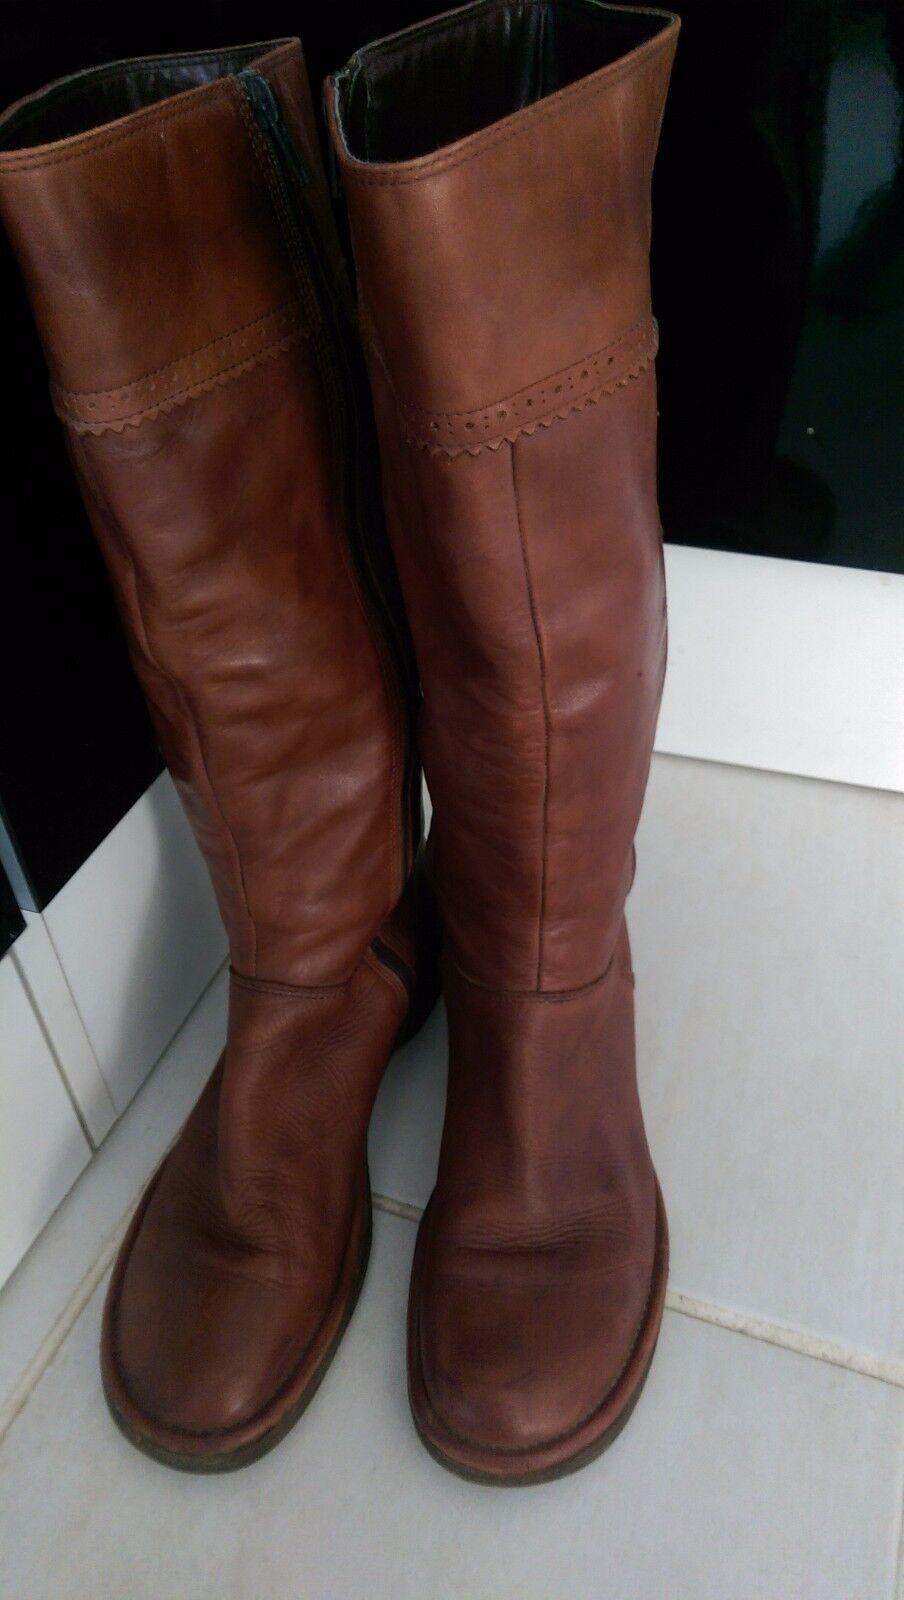 Damen Stiefel von von Stiefel Mod Mod Mod Dep 29ca17 depotgaragemv  e3e540